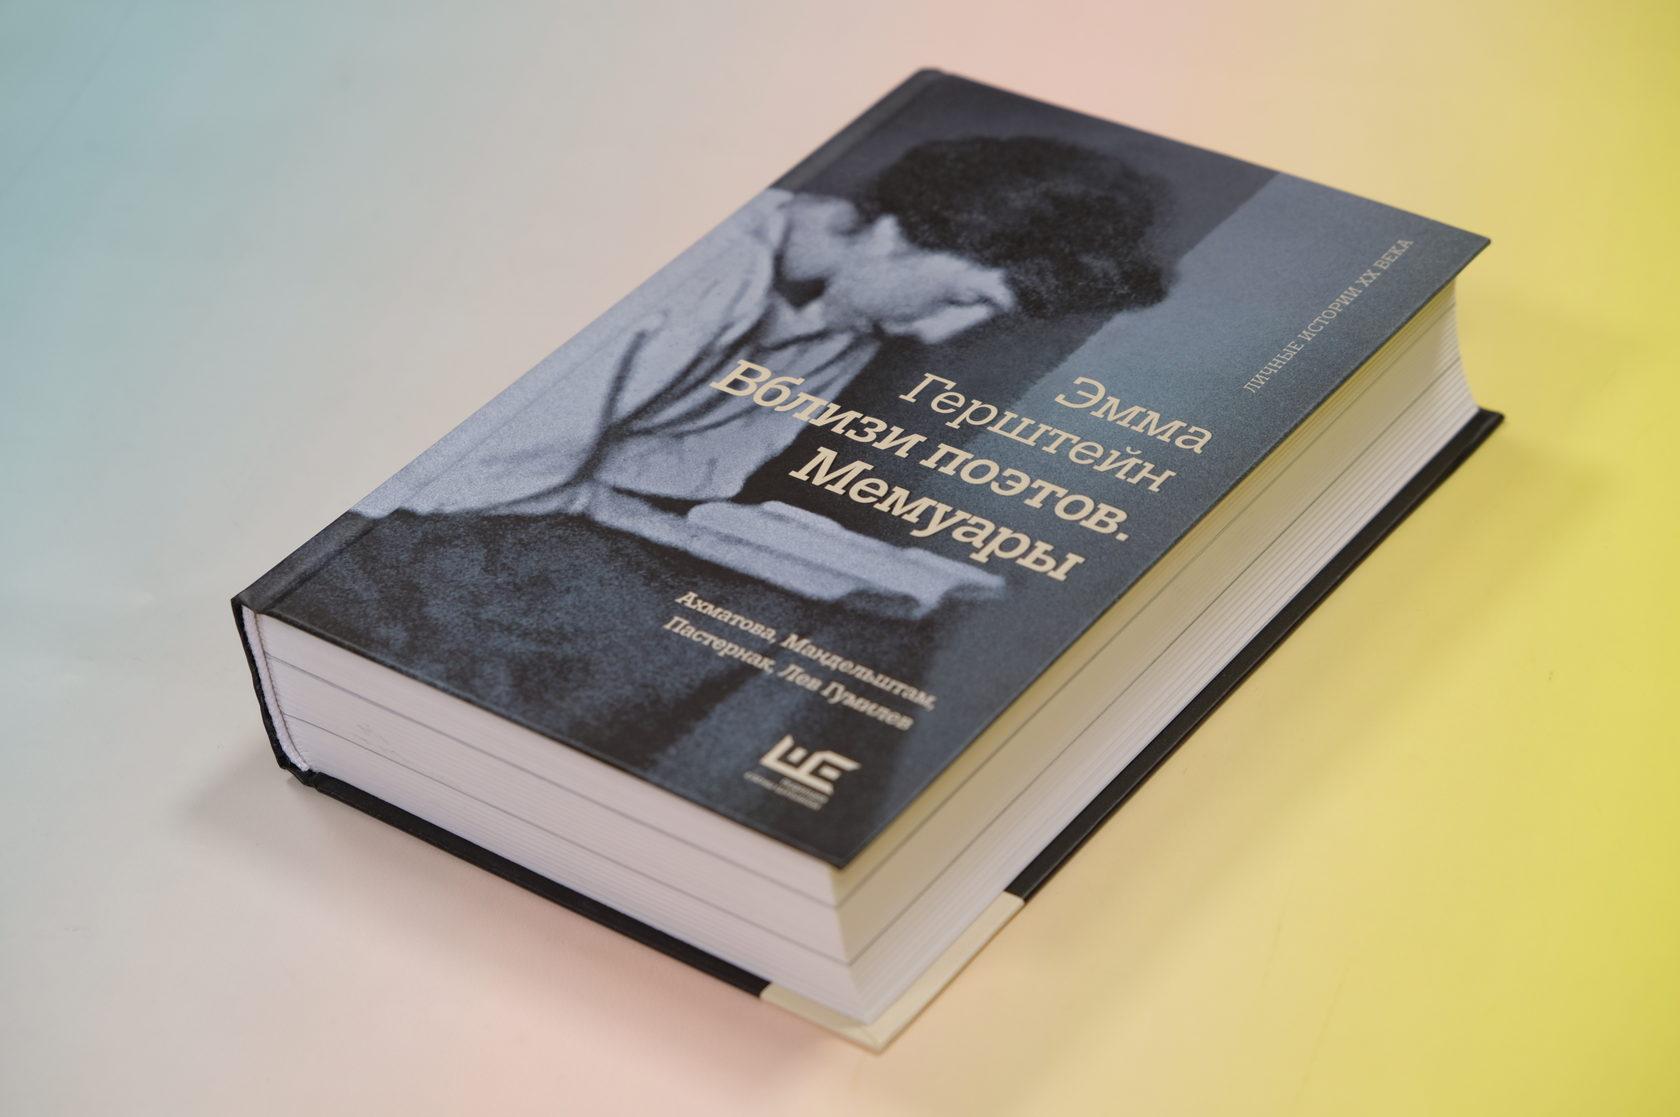 Эмма Герштейн «Вблизи поэтов. Мемуары: Ахматова, Мандельштам, Пастернак, Лев Гумилев» 978-5-17-096138-2